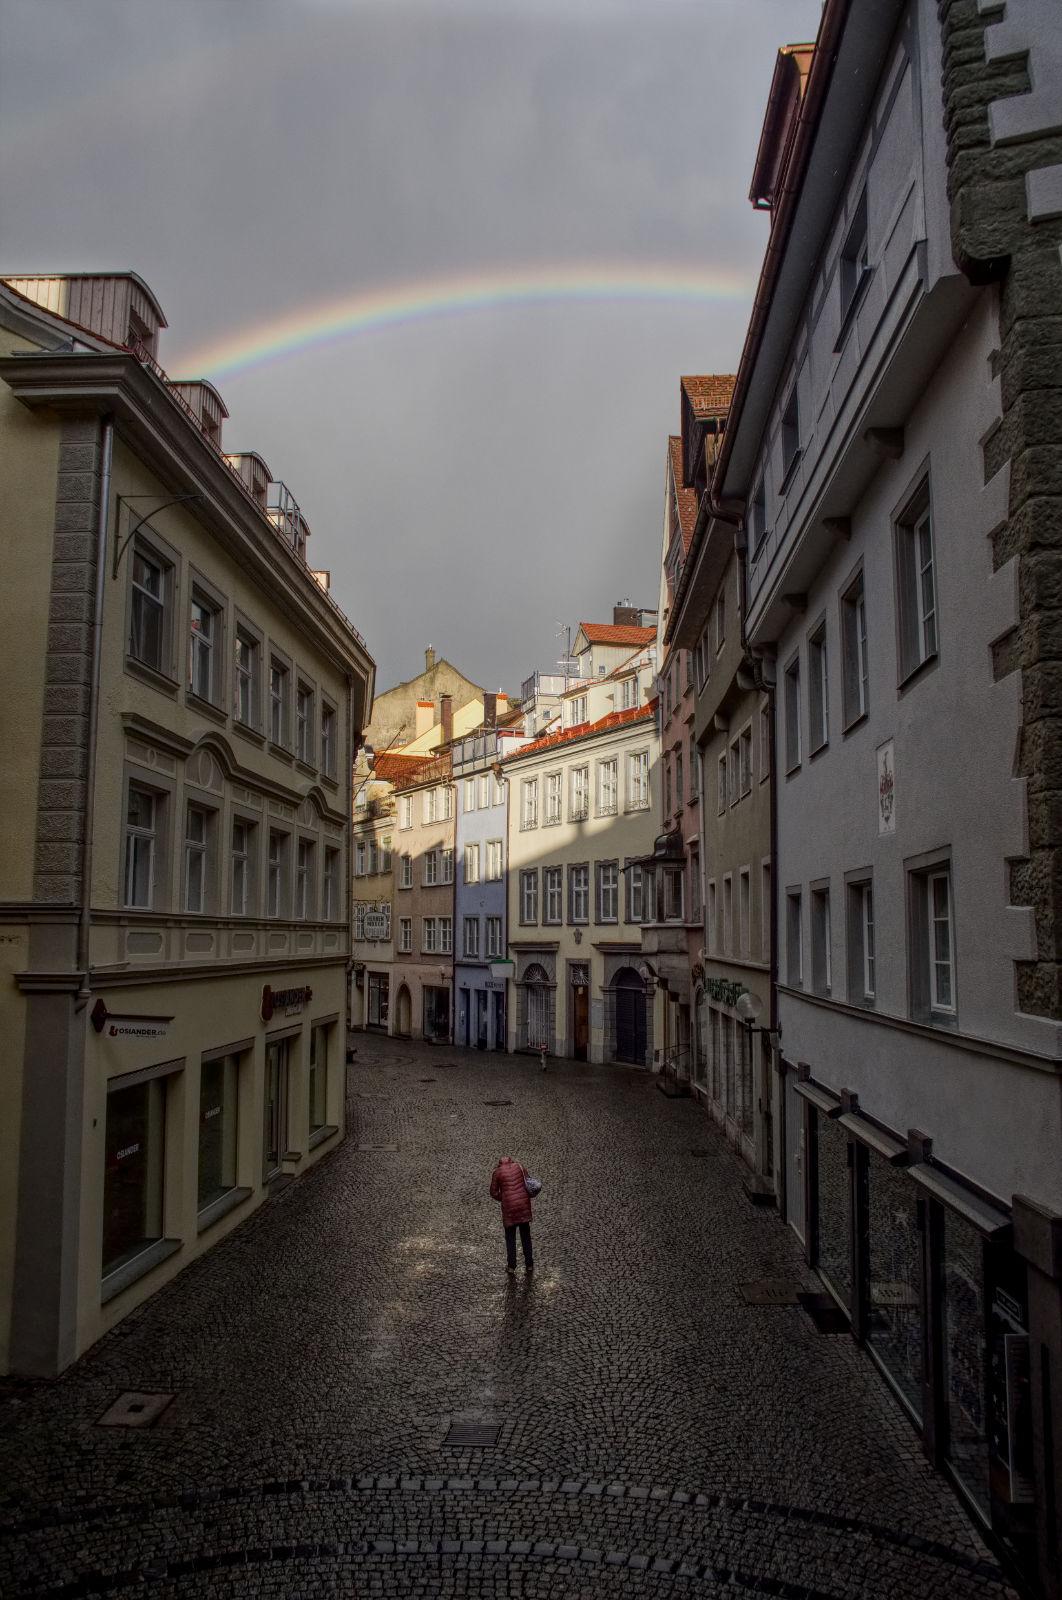 Regenbogen über der dunklen Straße